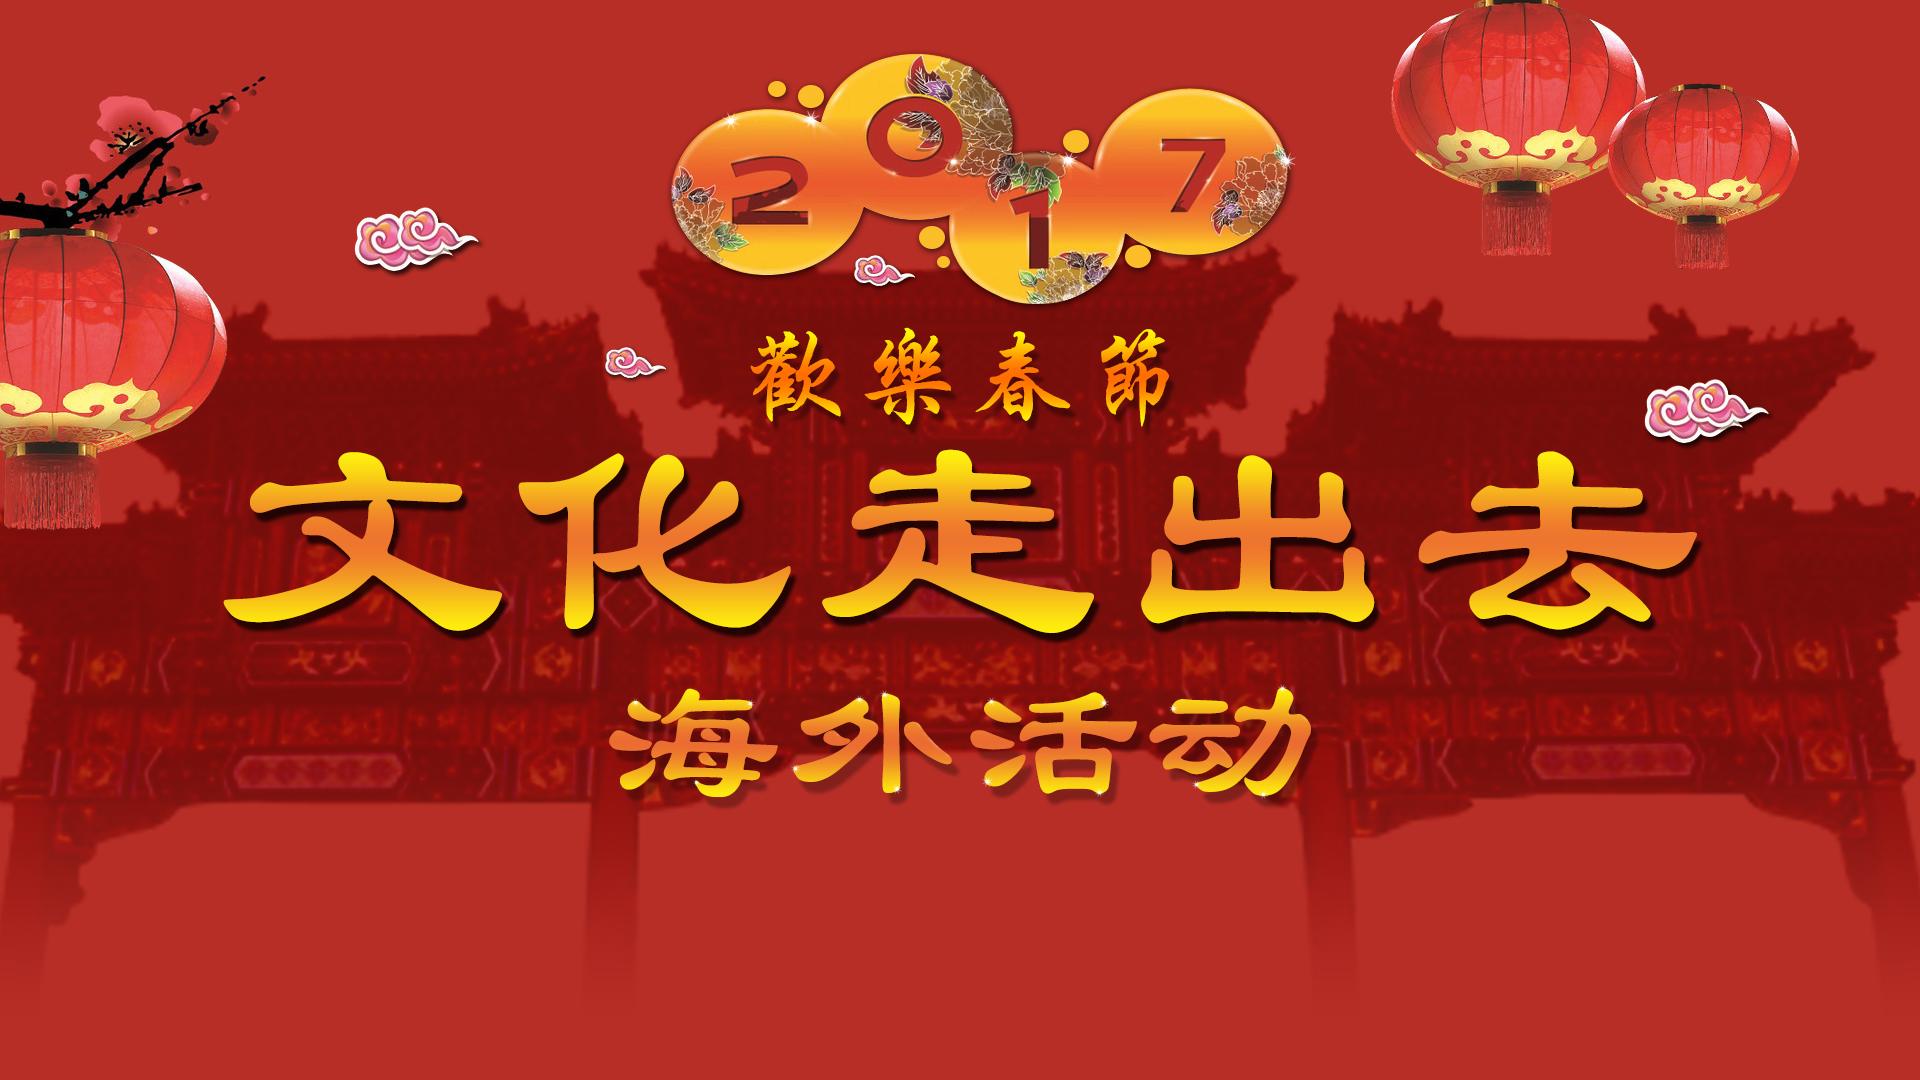 2017欢乐春节文化走出去海外活动